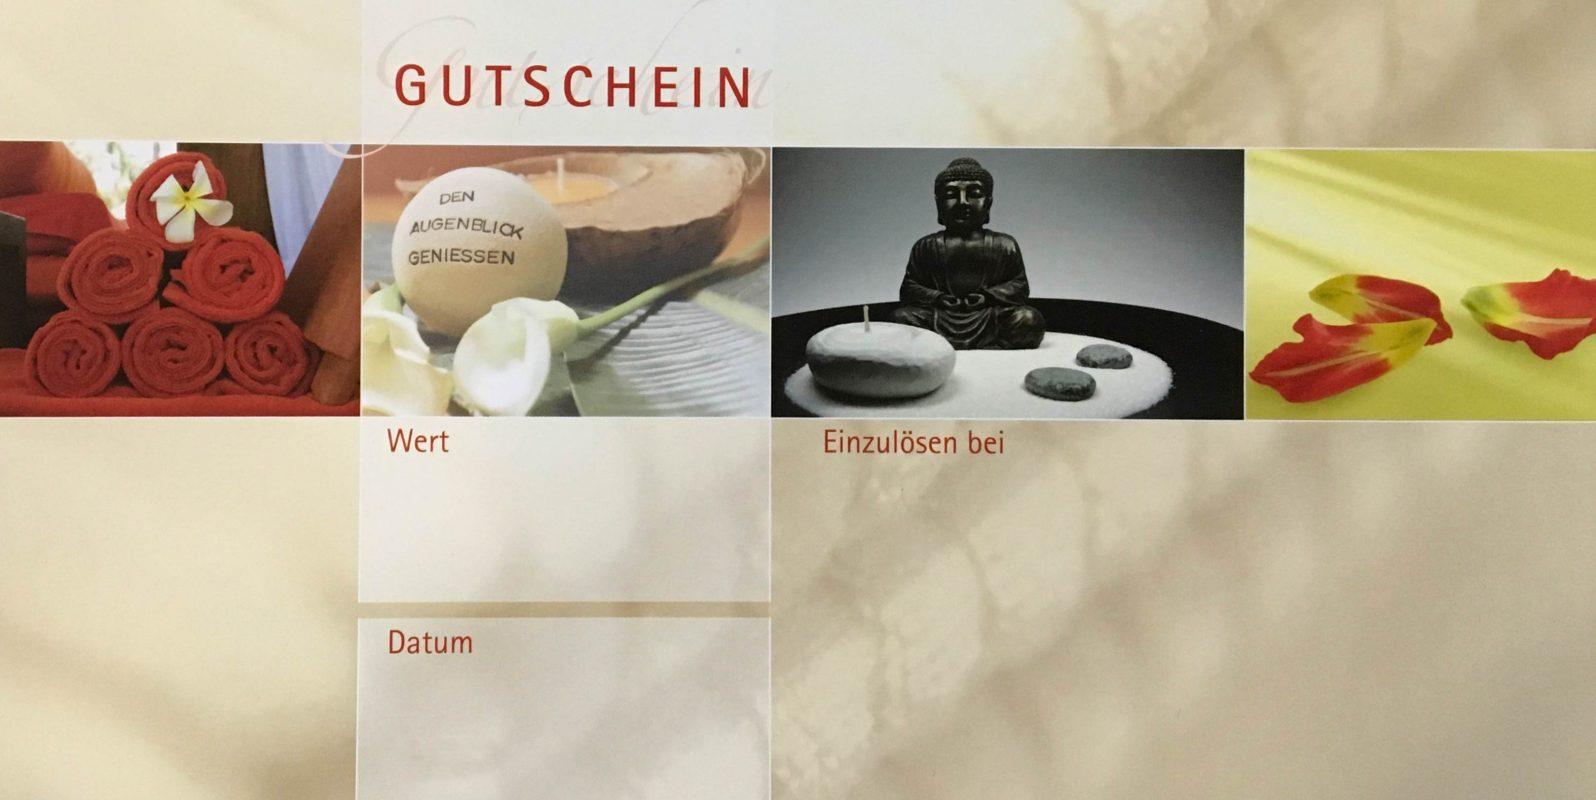 Gutschein-Wellness